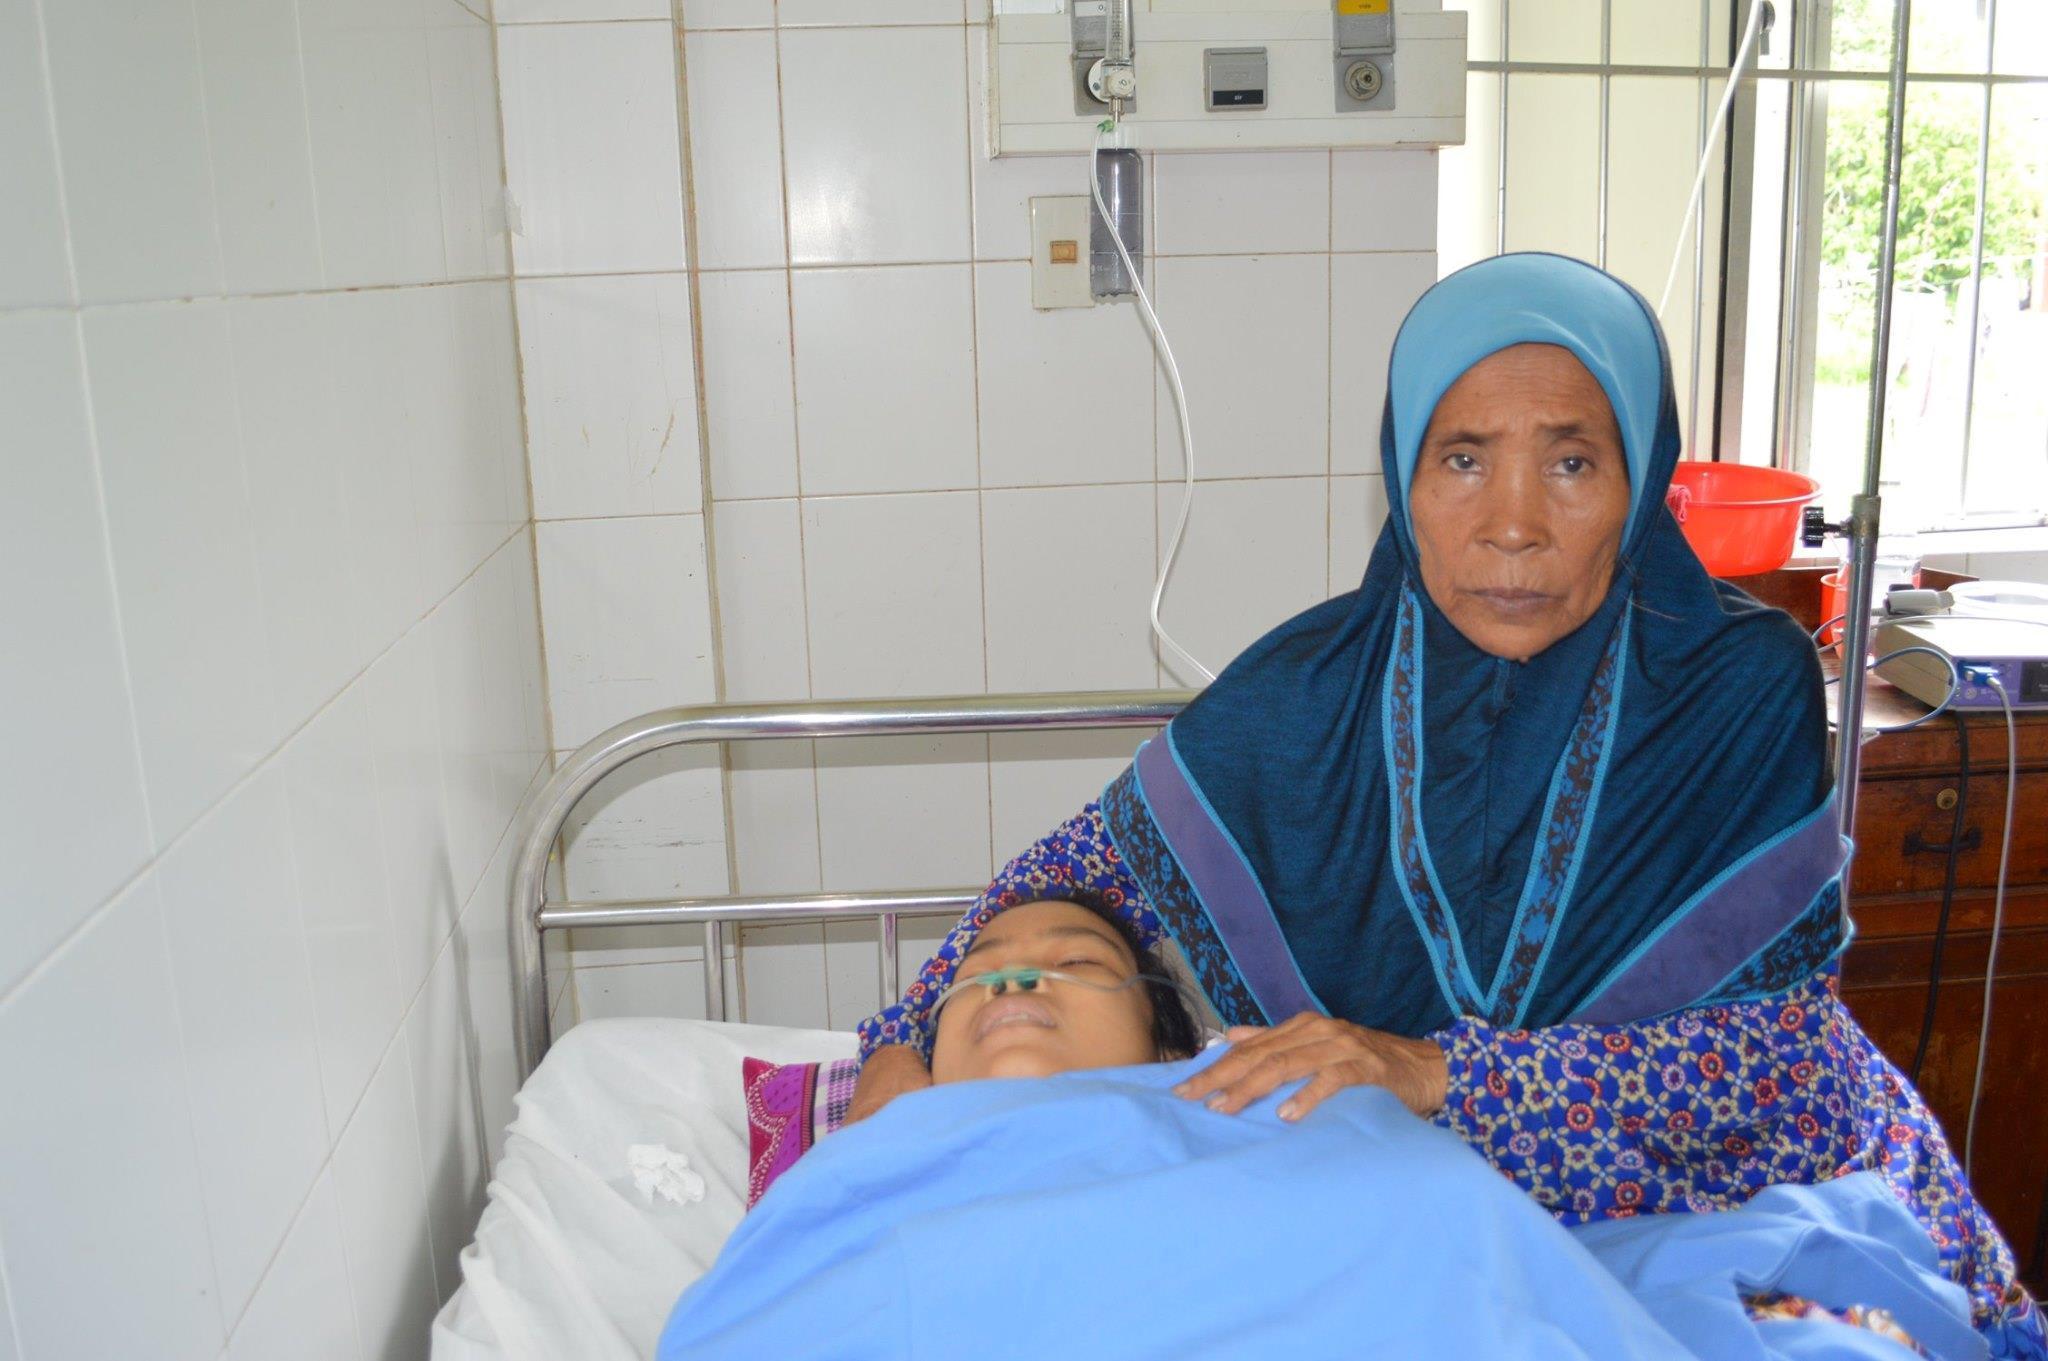 Sau 16 ngày nguy kịch, cô gái Campuchia được bác sĩ Việt Nam cứu sống Ảnh 1